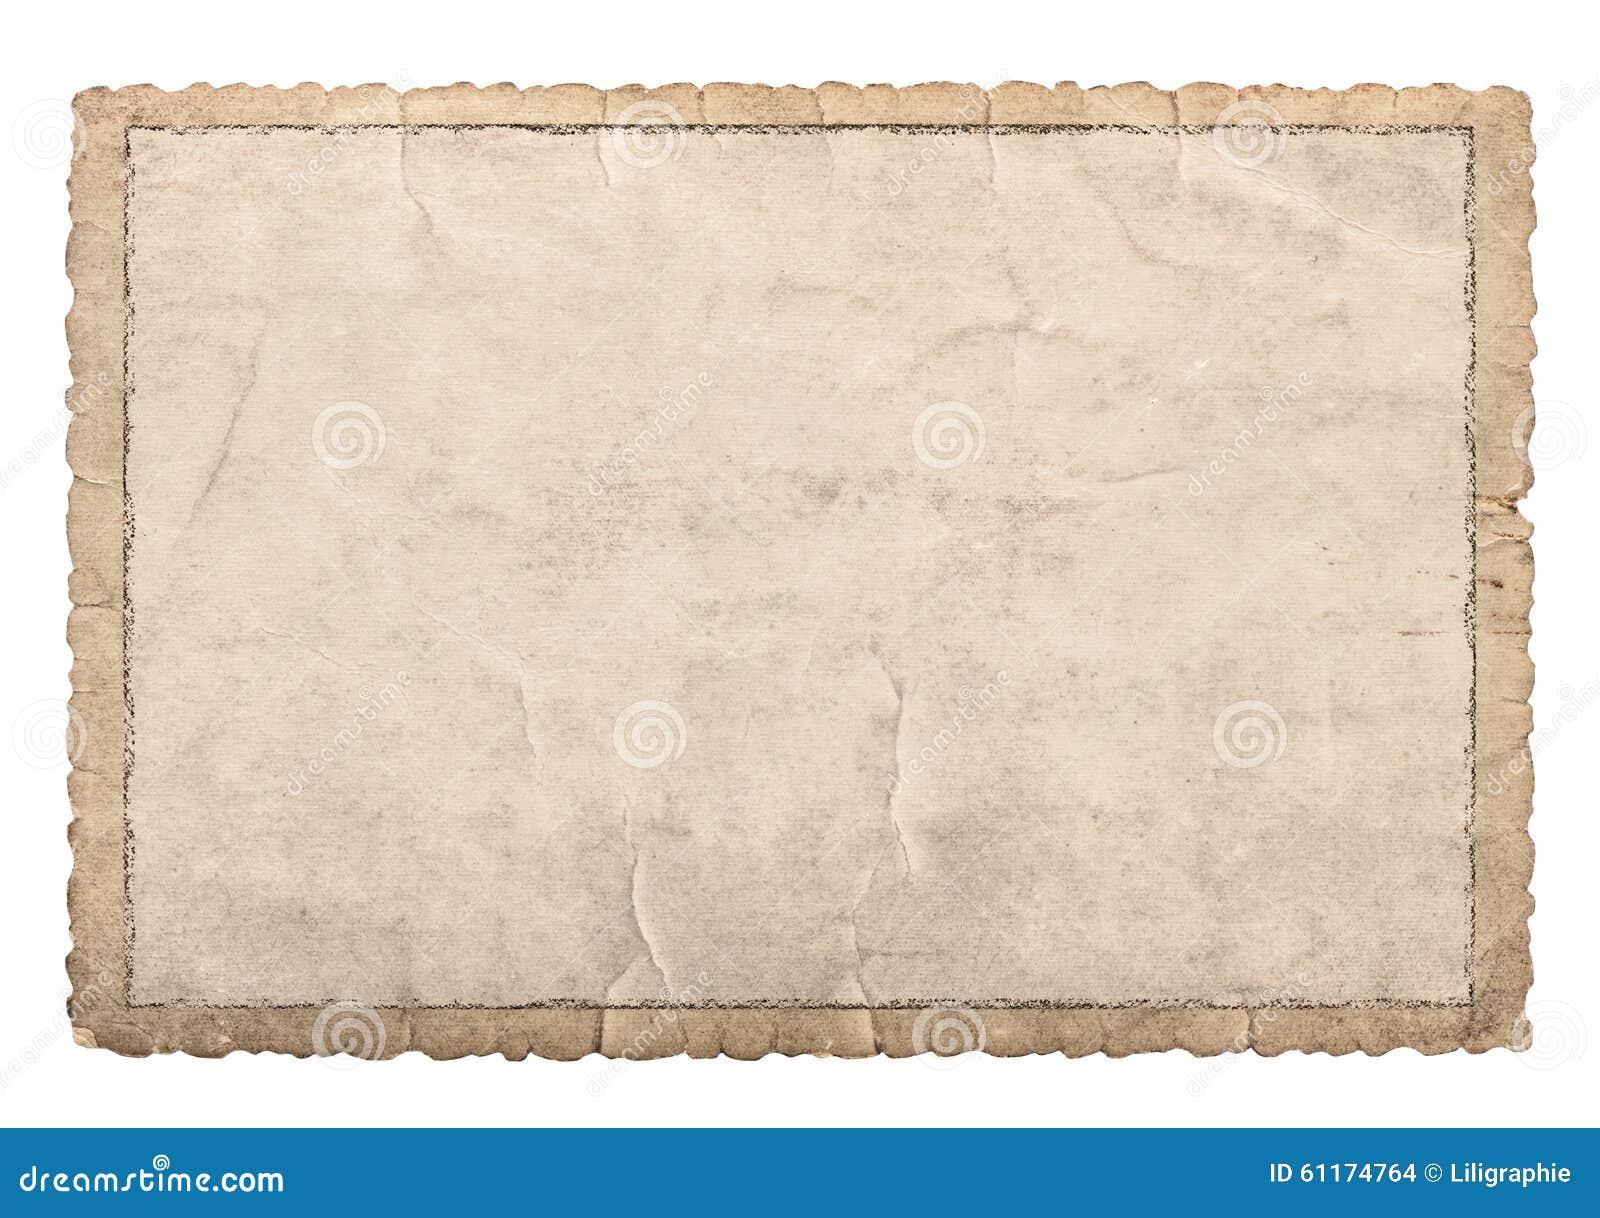 Alter Papierrahmen Mit Geschnitzten Rändern Für Fotos Und Bilder ...